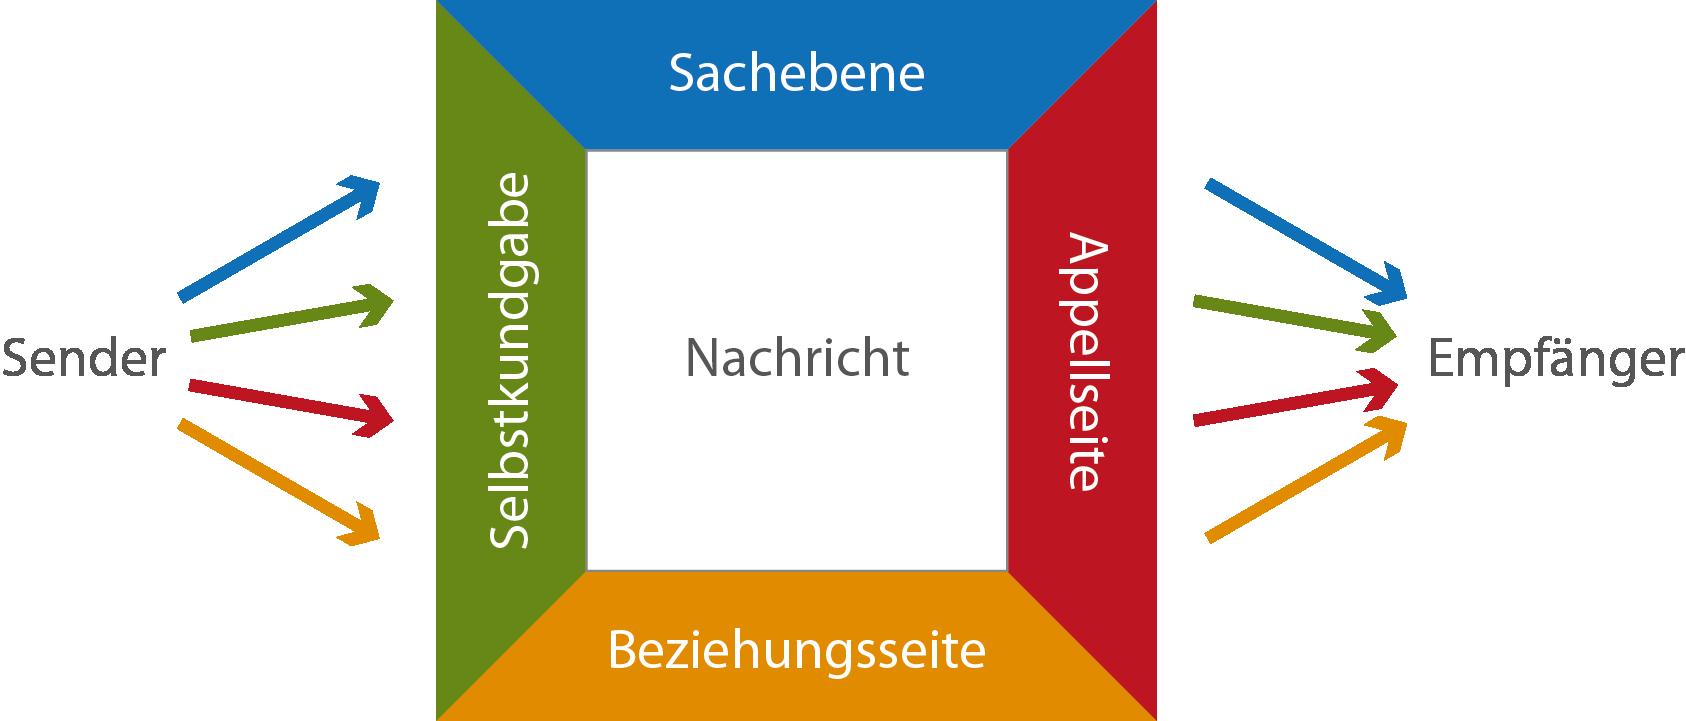 Schulz Von Thun Vier Seiten Modell